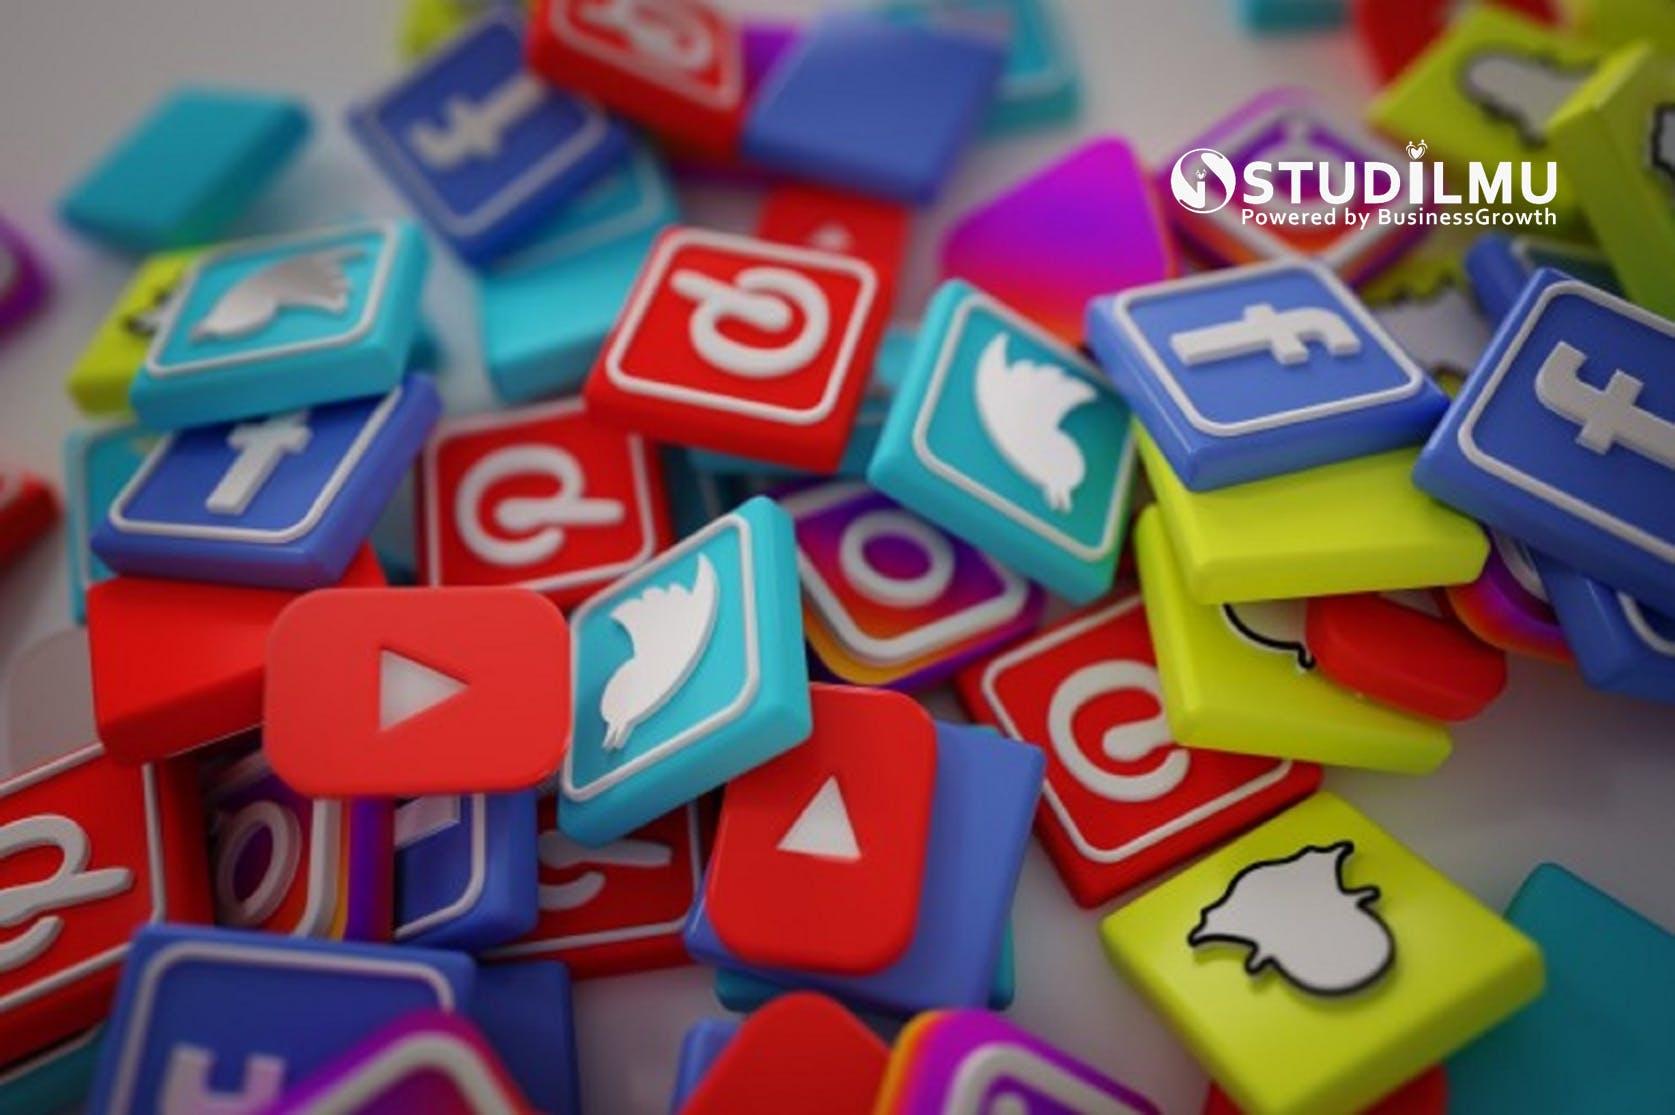 STUDILMU Career Advice - 8 Manfaat Media Sosial